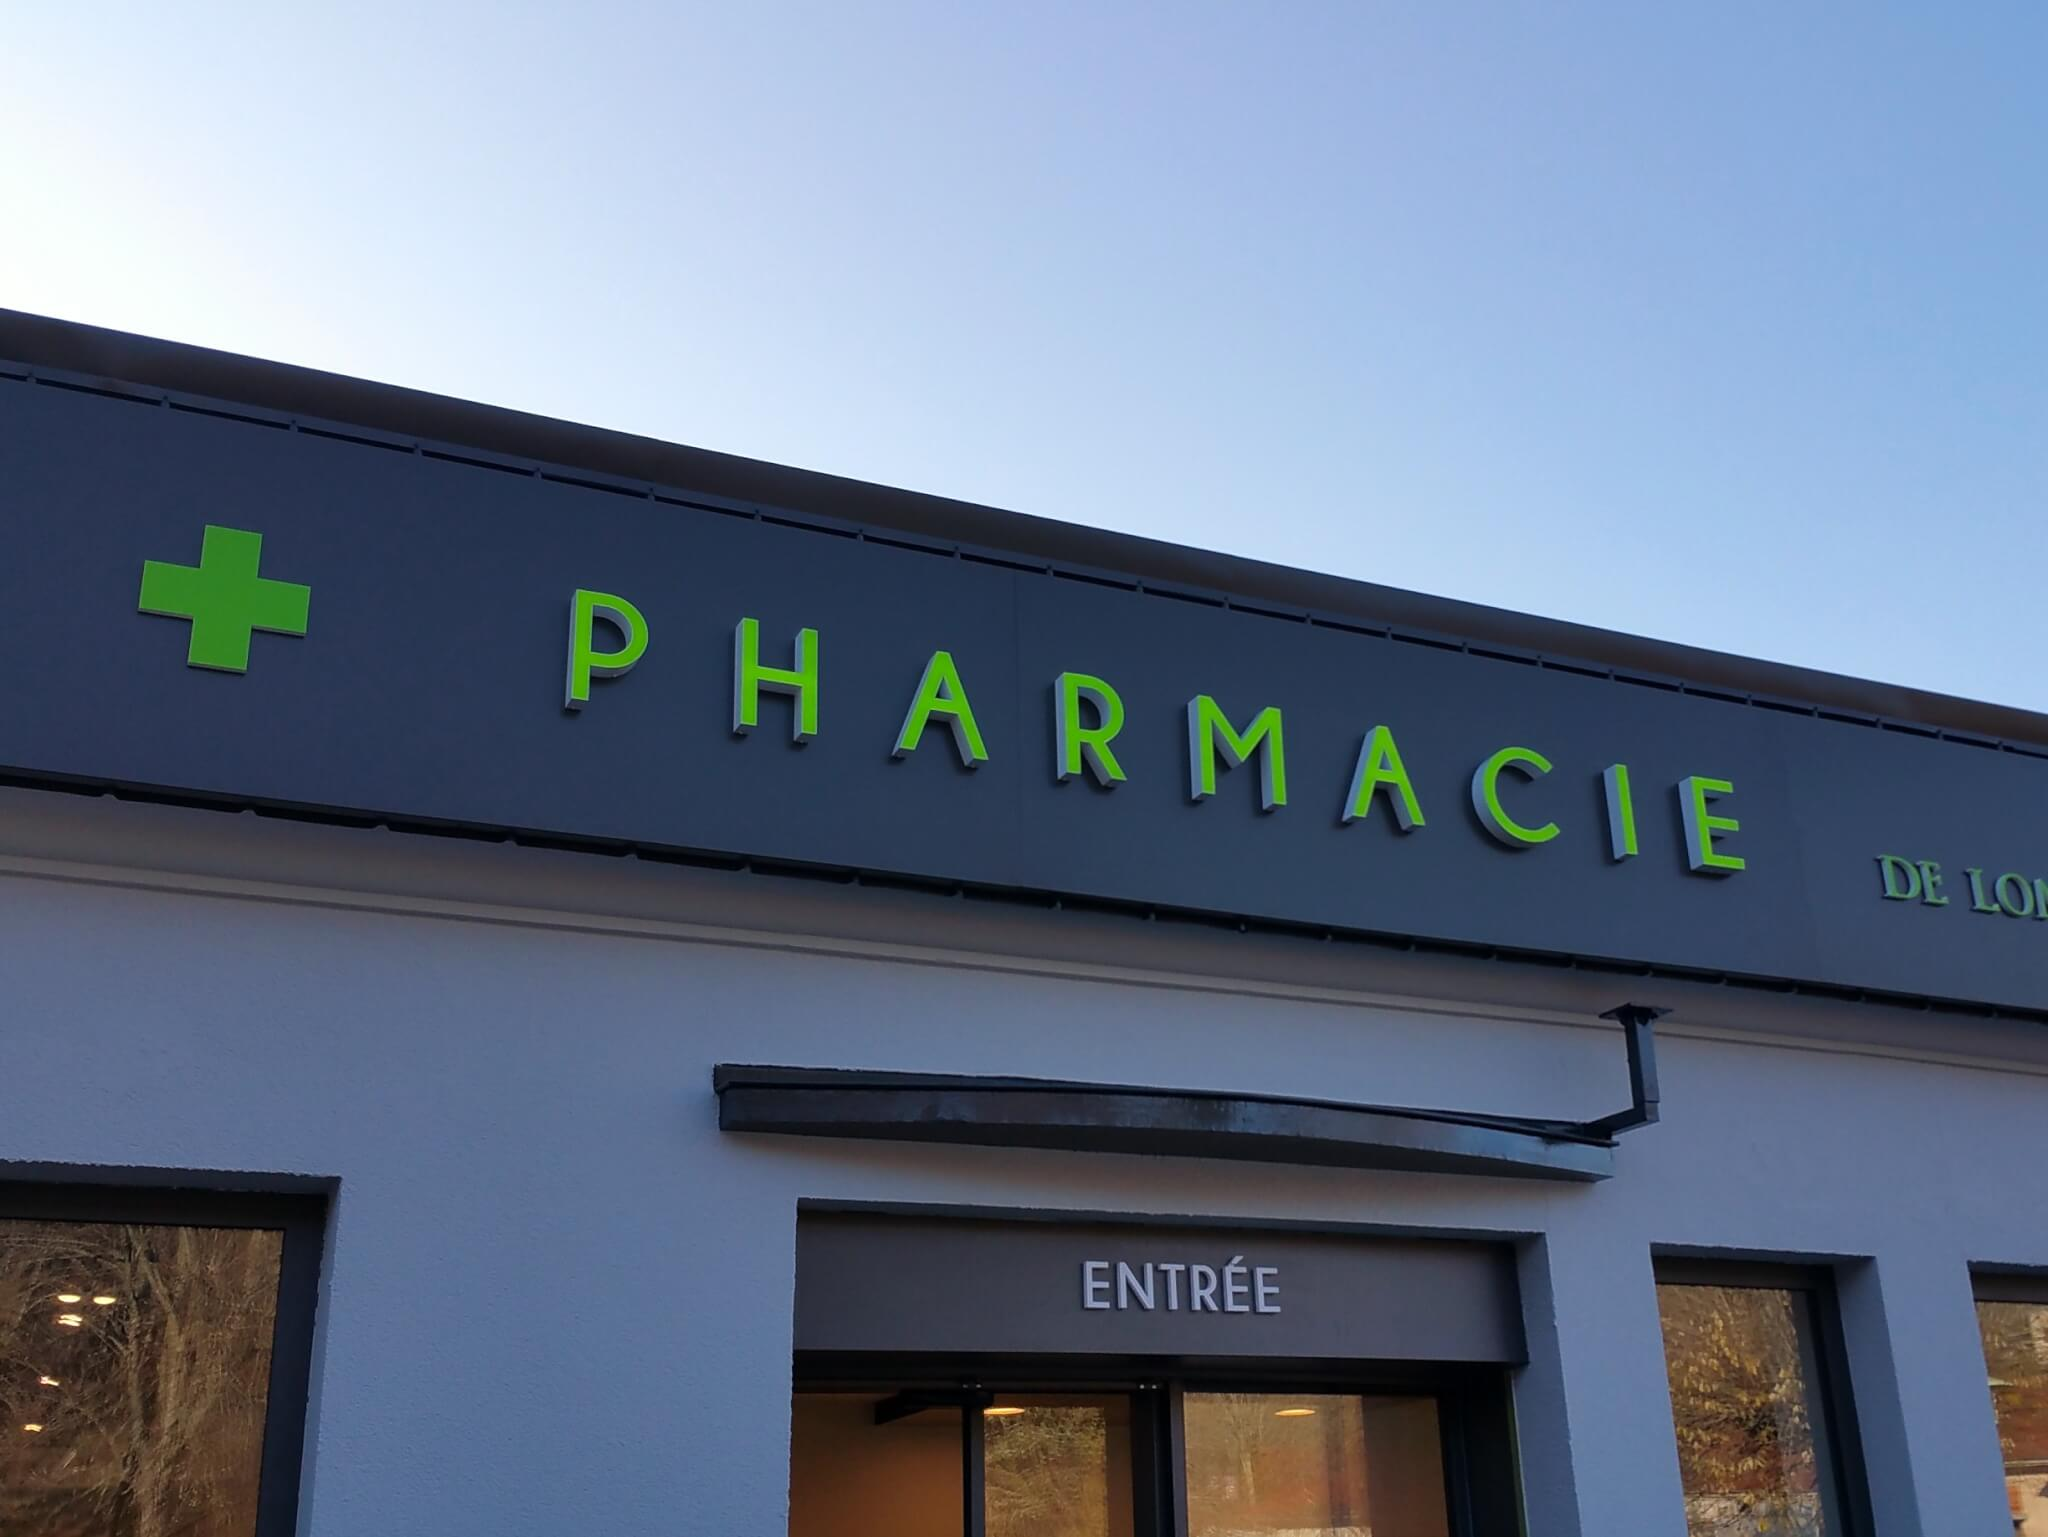 Enseignes Pharmacie Fabriquant Enseignes lumineuses pour Pharmacie - SES enseigne Lyon Grigny